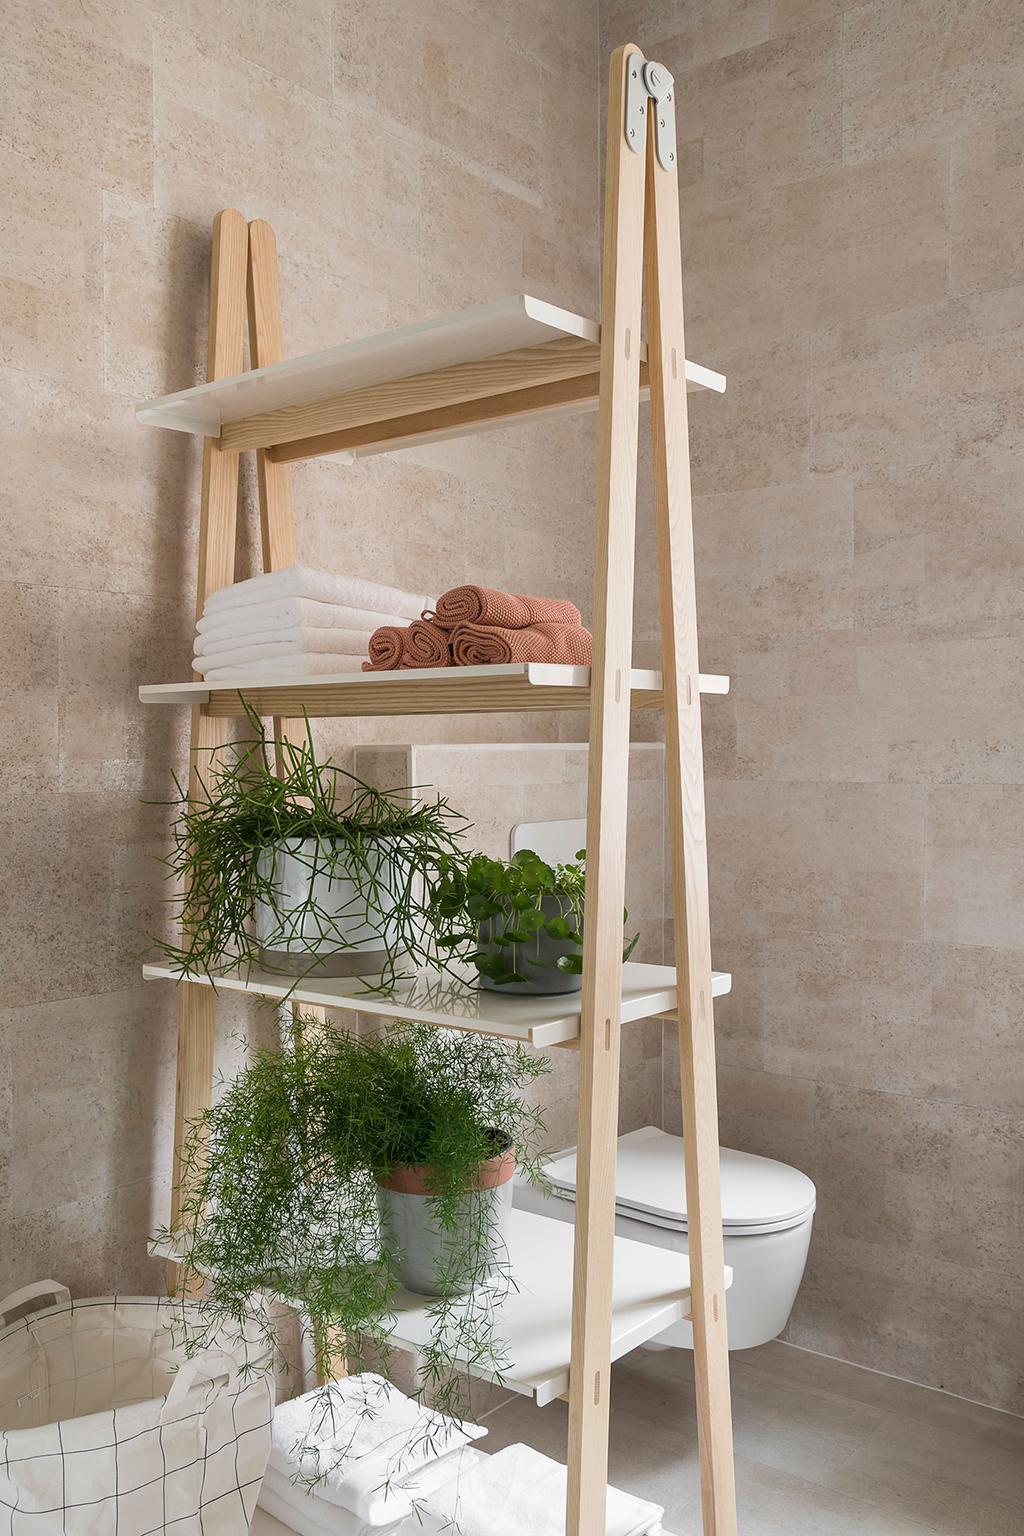 De badkamer met roomdivider van Lukas en Katrien uit de tweede aflevering van het tweede seizoen van 'Een frisse start met vtwonen'.